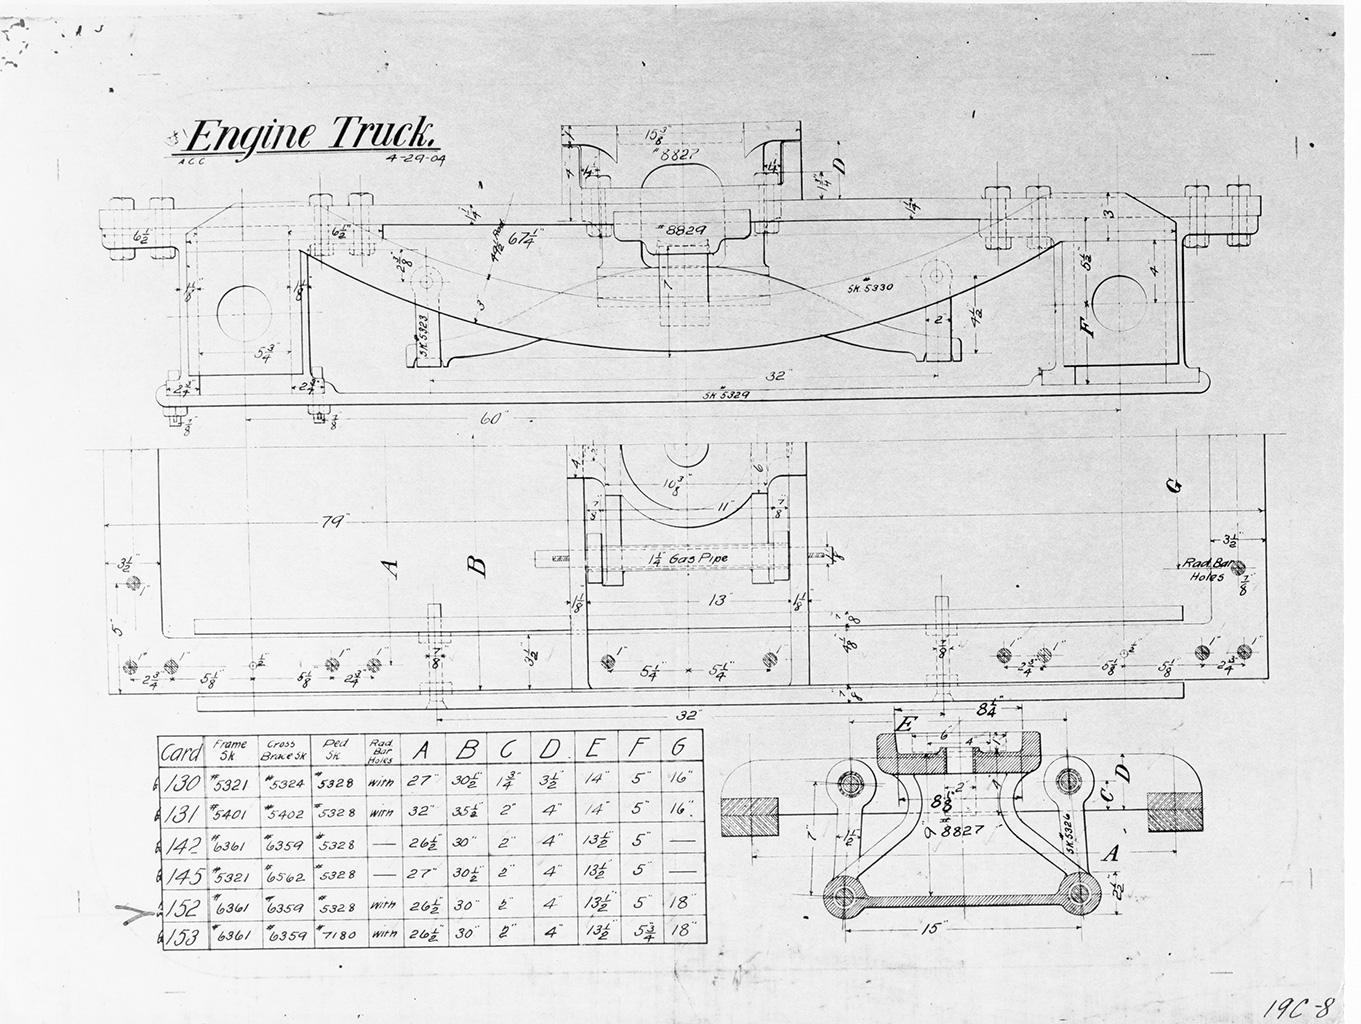 ENGINE-TRUCK-sm.jpg